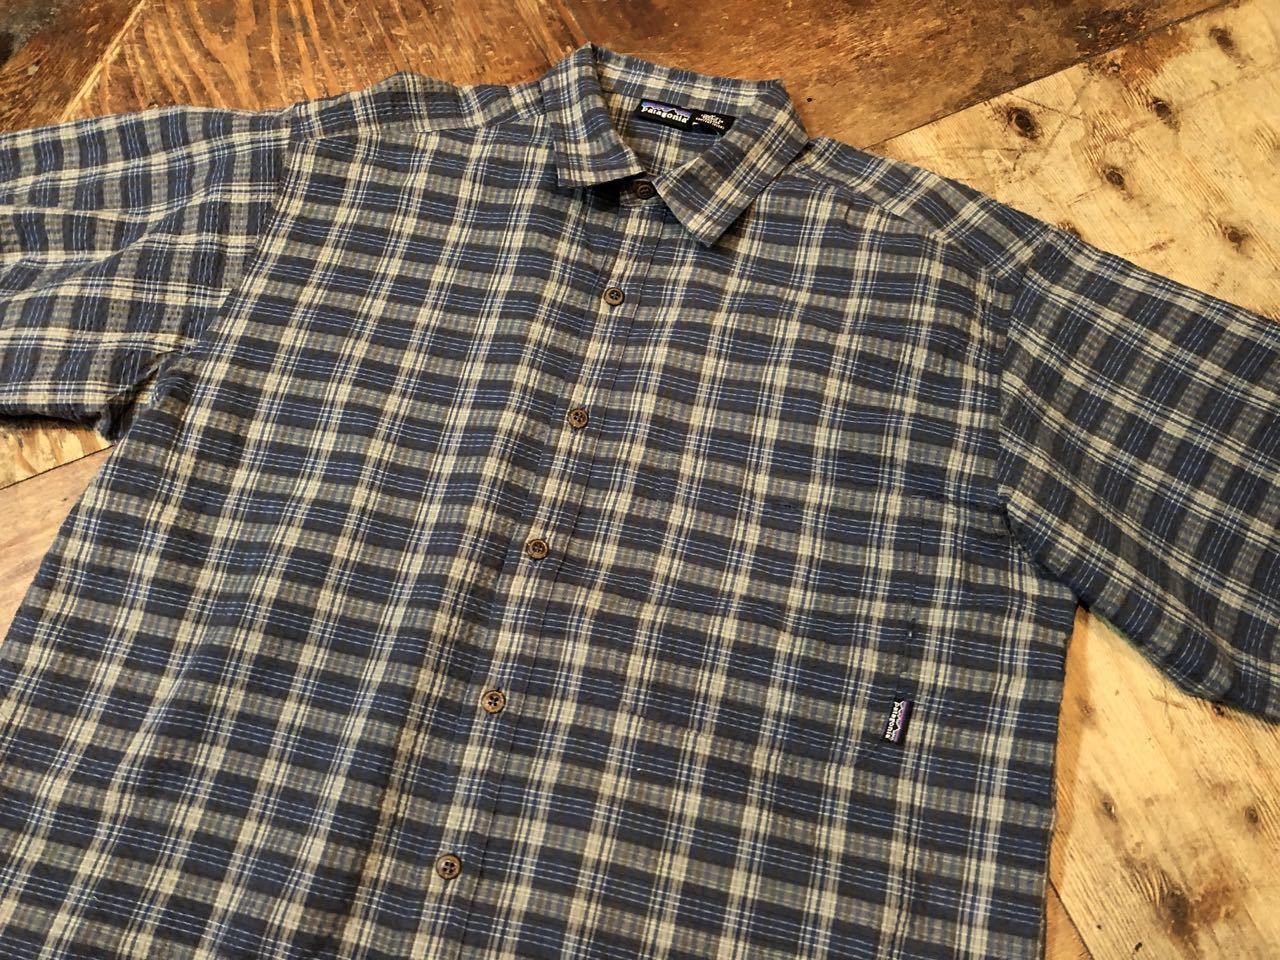 4月28日(日)入荷!90s〜PATAGONIA パタゴニア サッカーシャツ!_c0144020_20053874.jpg